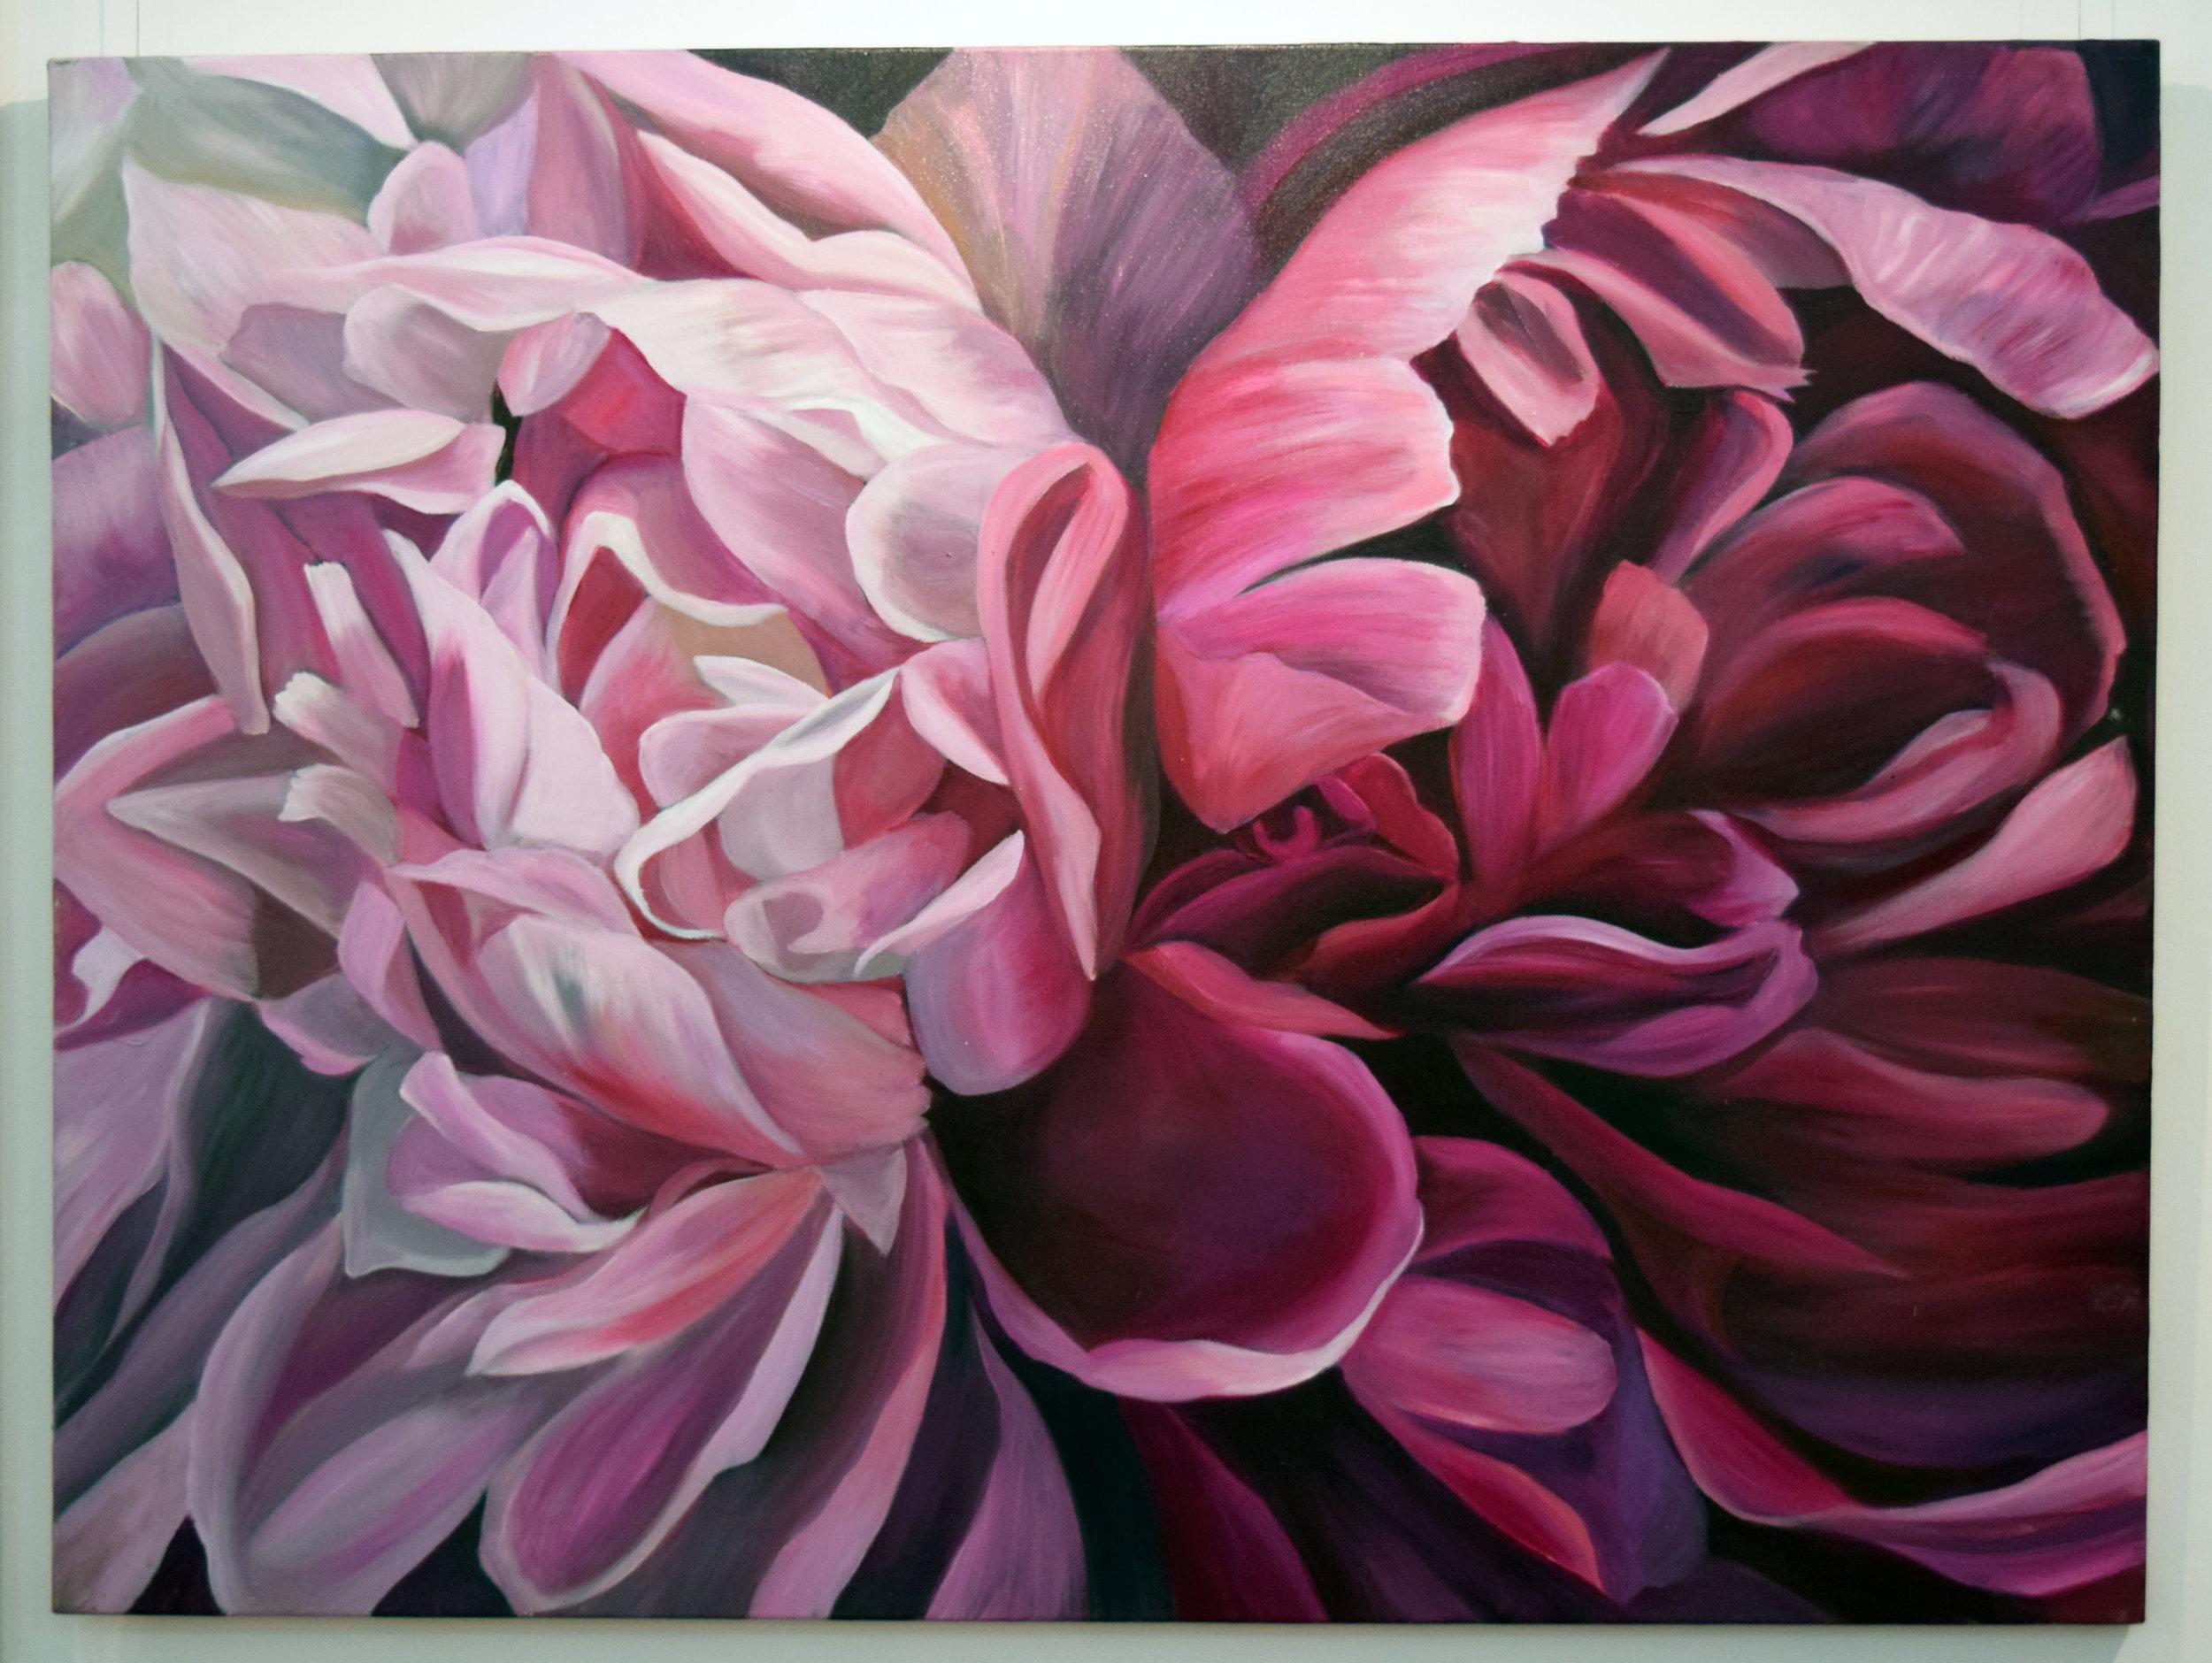 2. Jacqueline Coates, Pianissimo, 2013, acrylic on canvas, 90 x 120 cm, $4,200